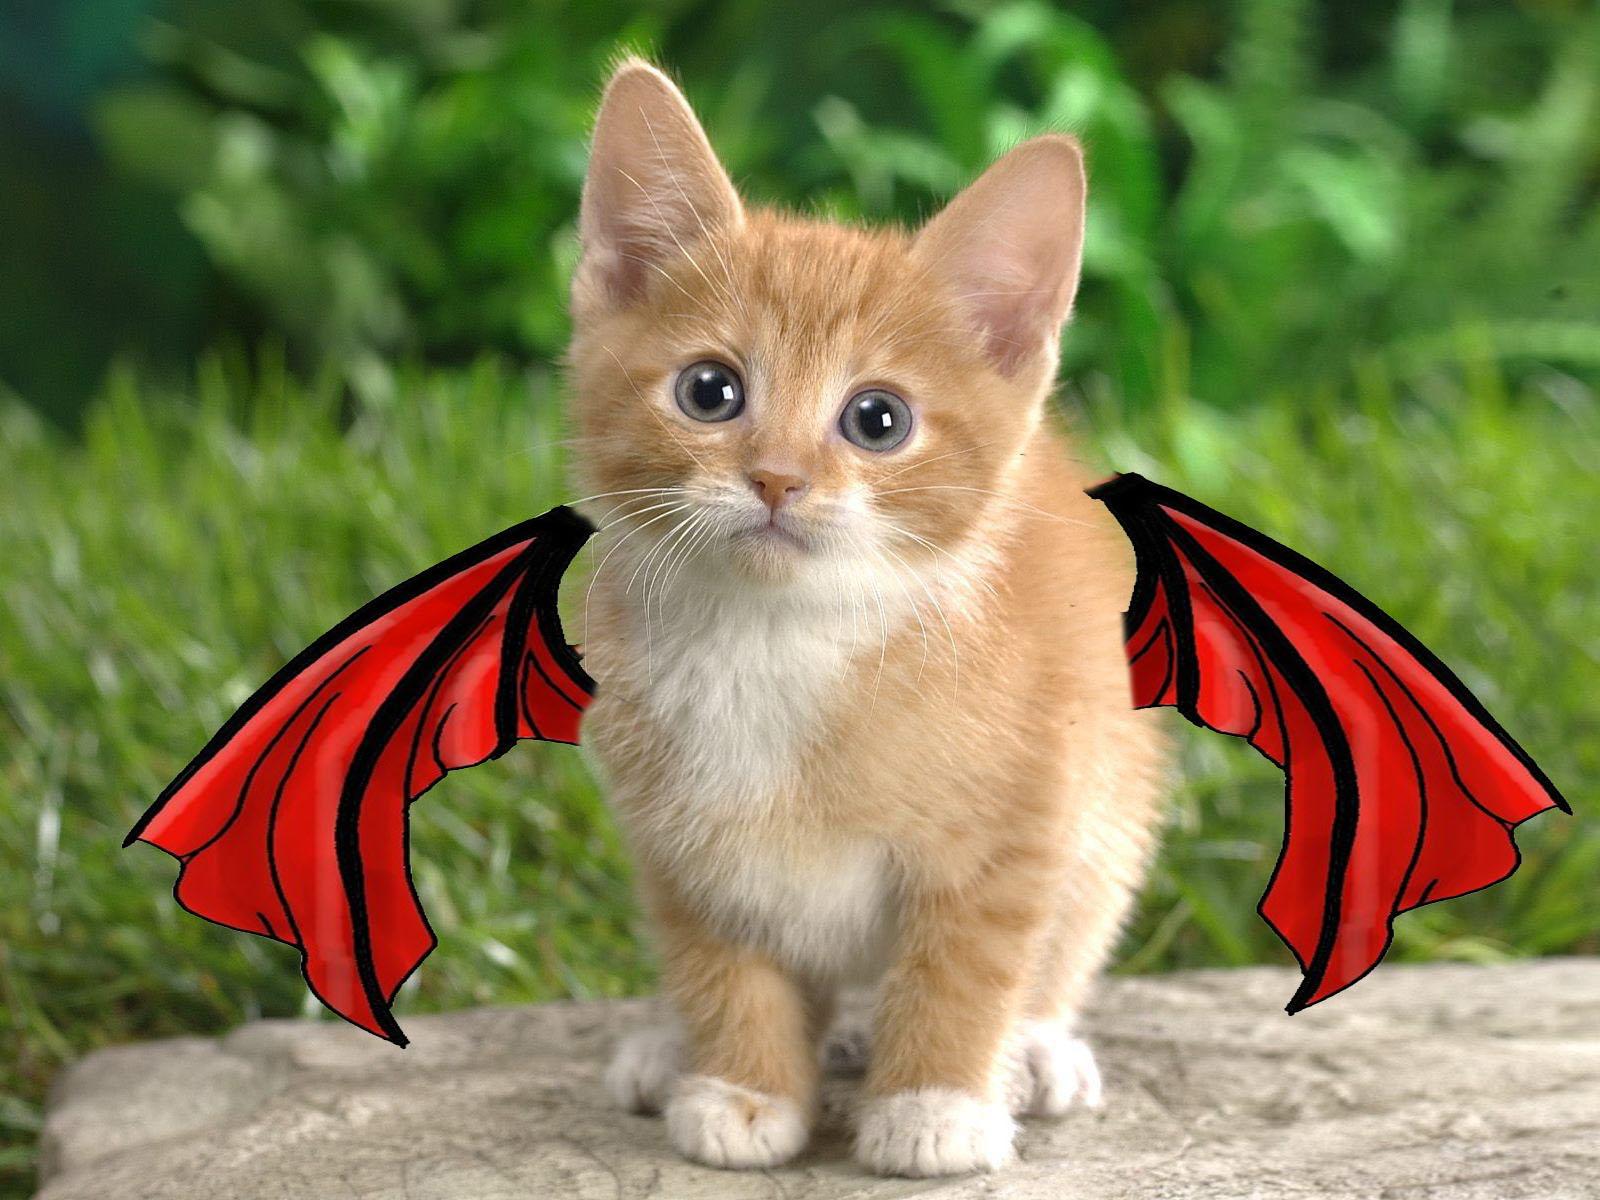 kitten with devil wings